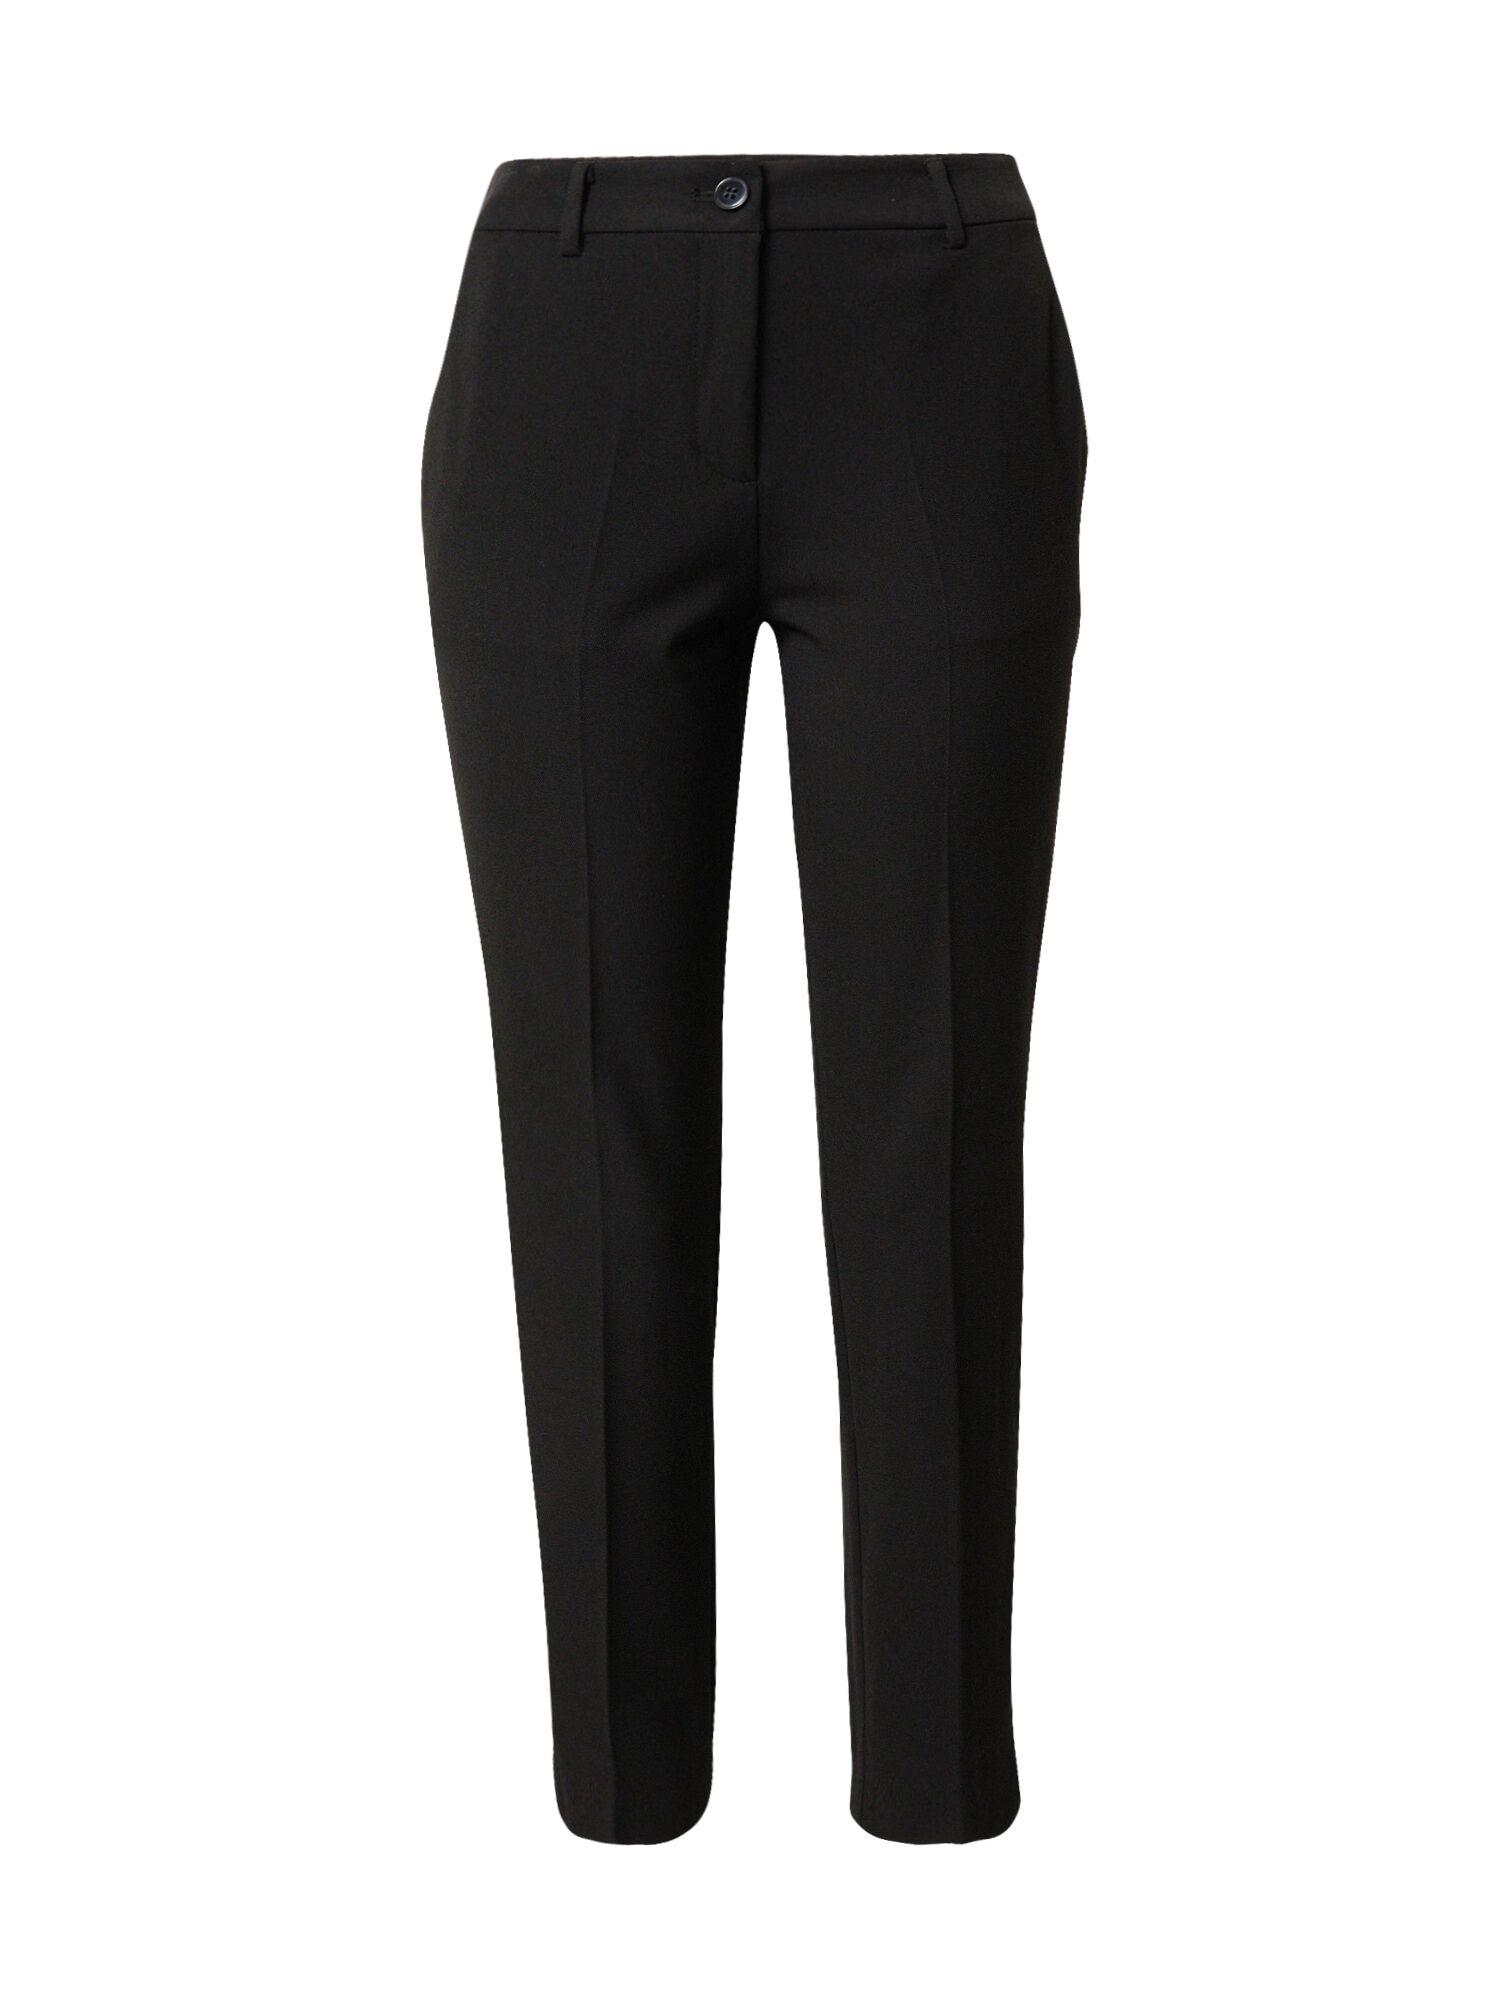 MINE TO FIVE Pantalon à plis  - Noir - Taille: 42 - female